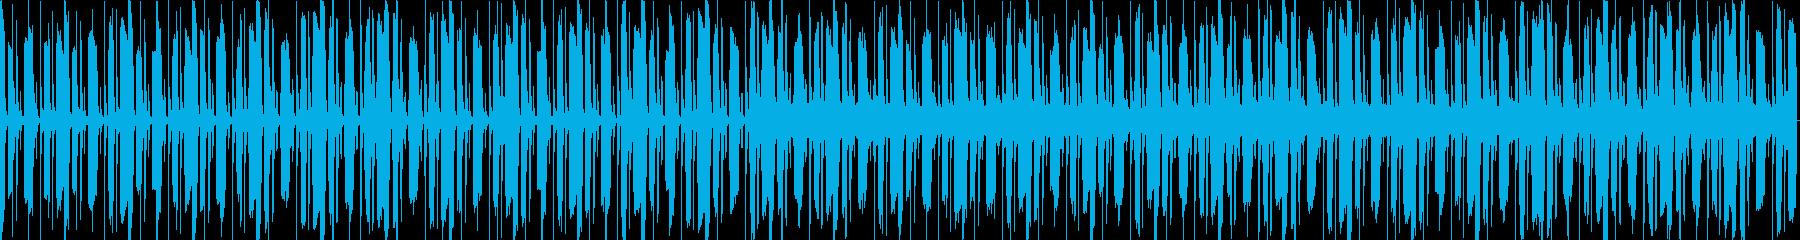 怪しい雰囲気のループ楽曲。の再生済みの波形